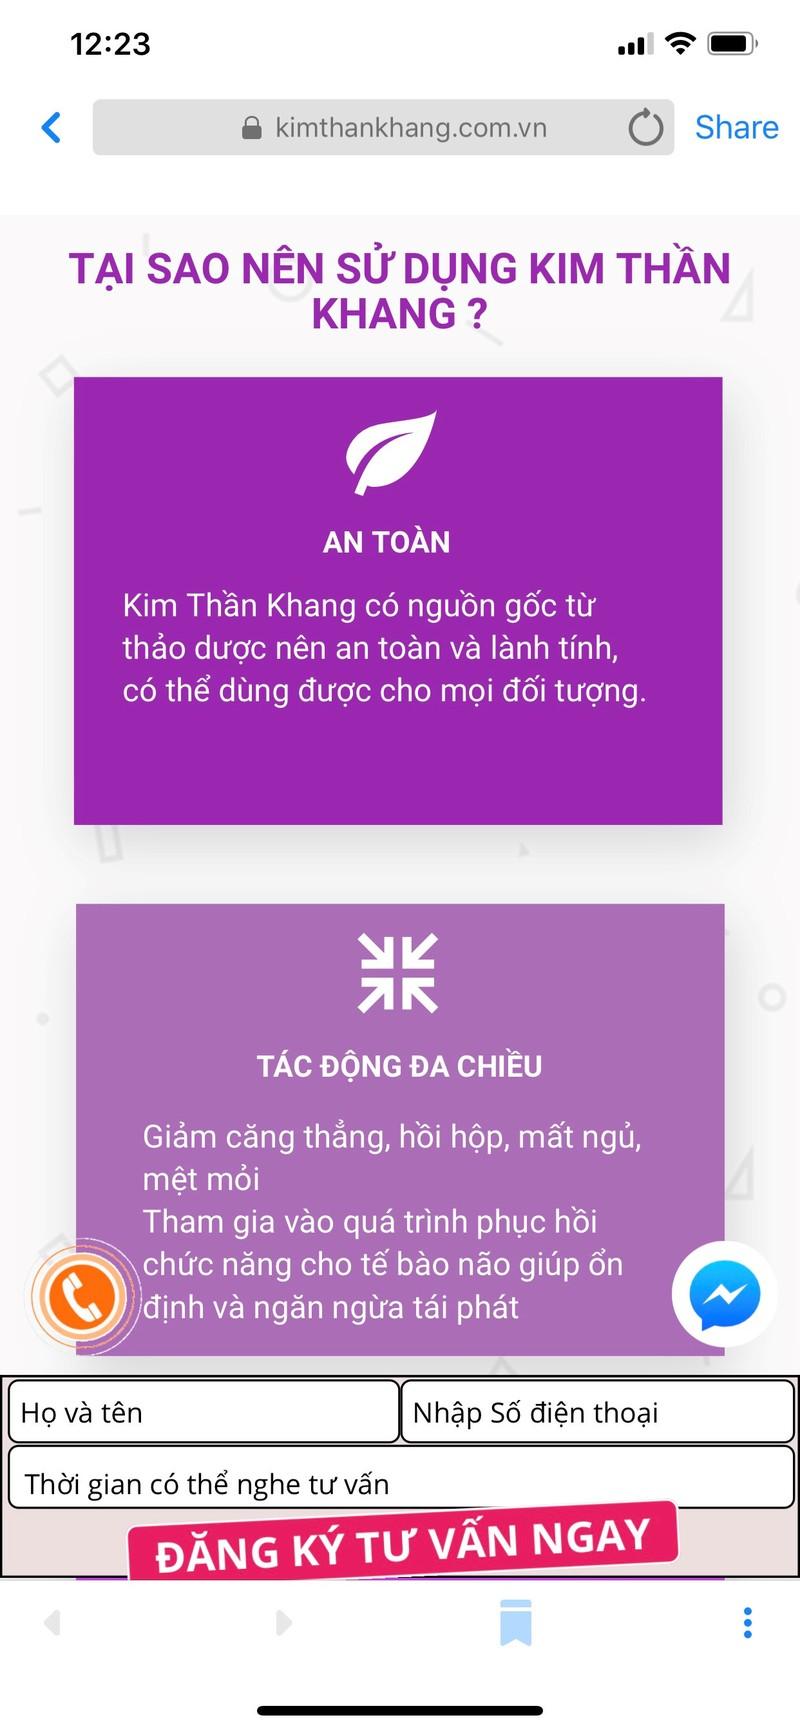 TPCN Kim Than Khang quang cao lap lo nhu thuoc... nen tay chay?-Hinh-2